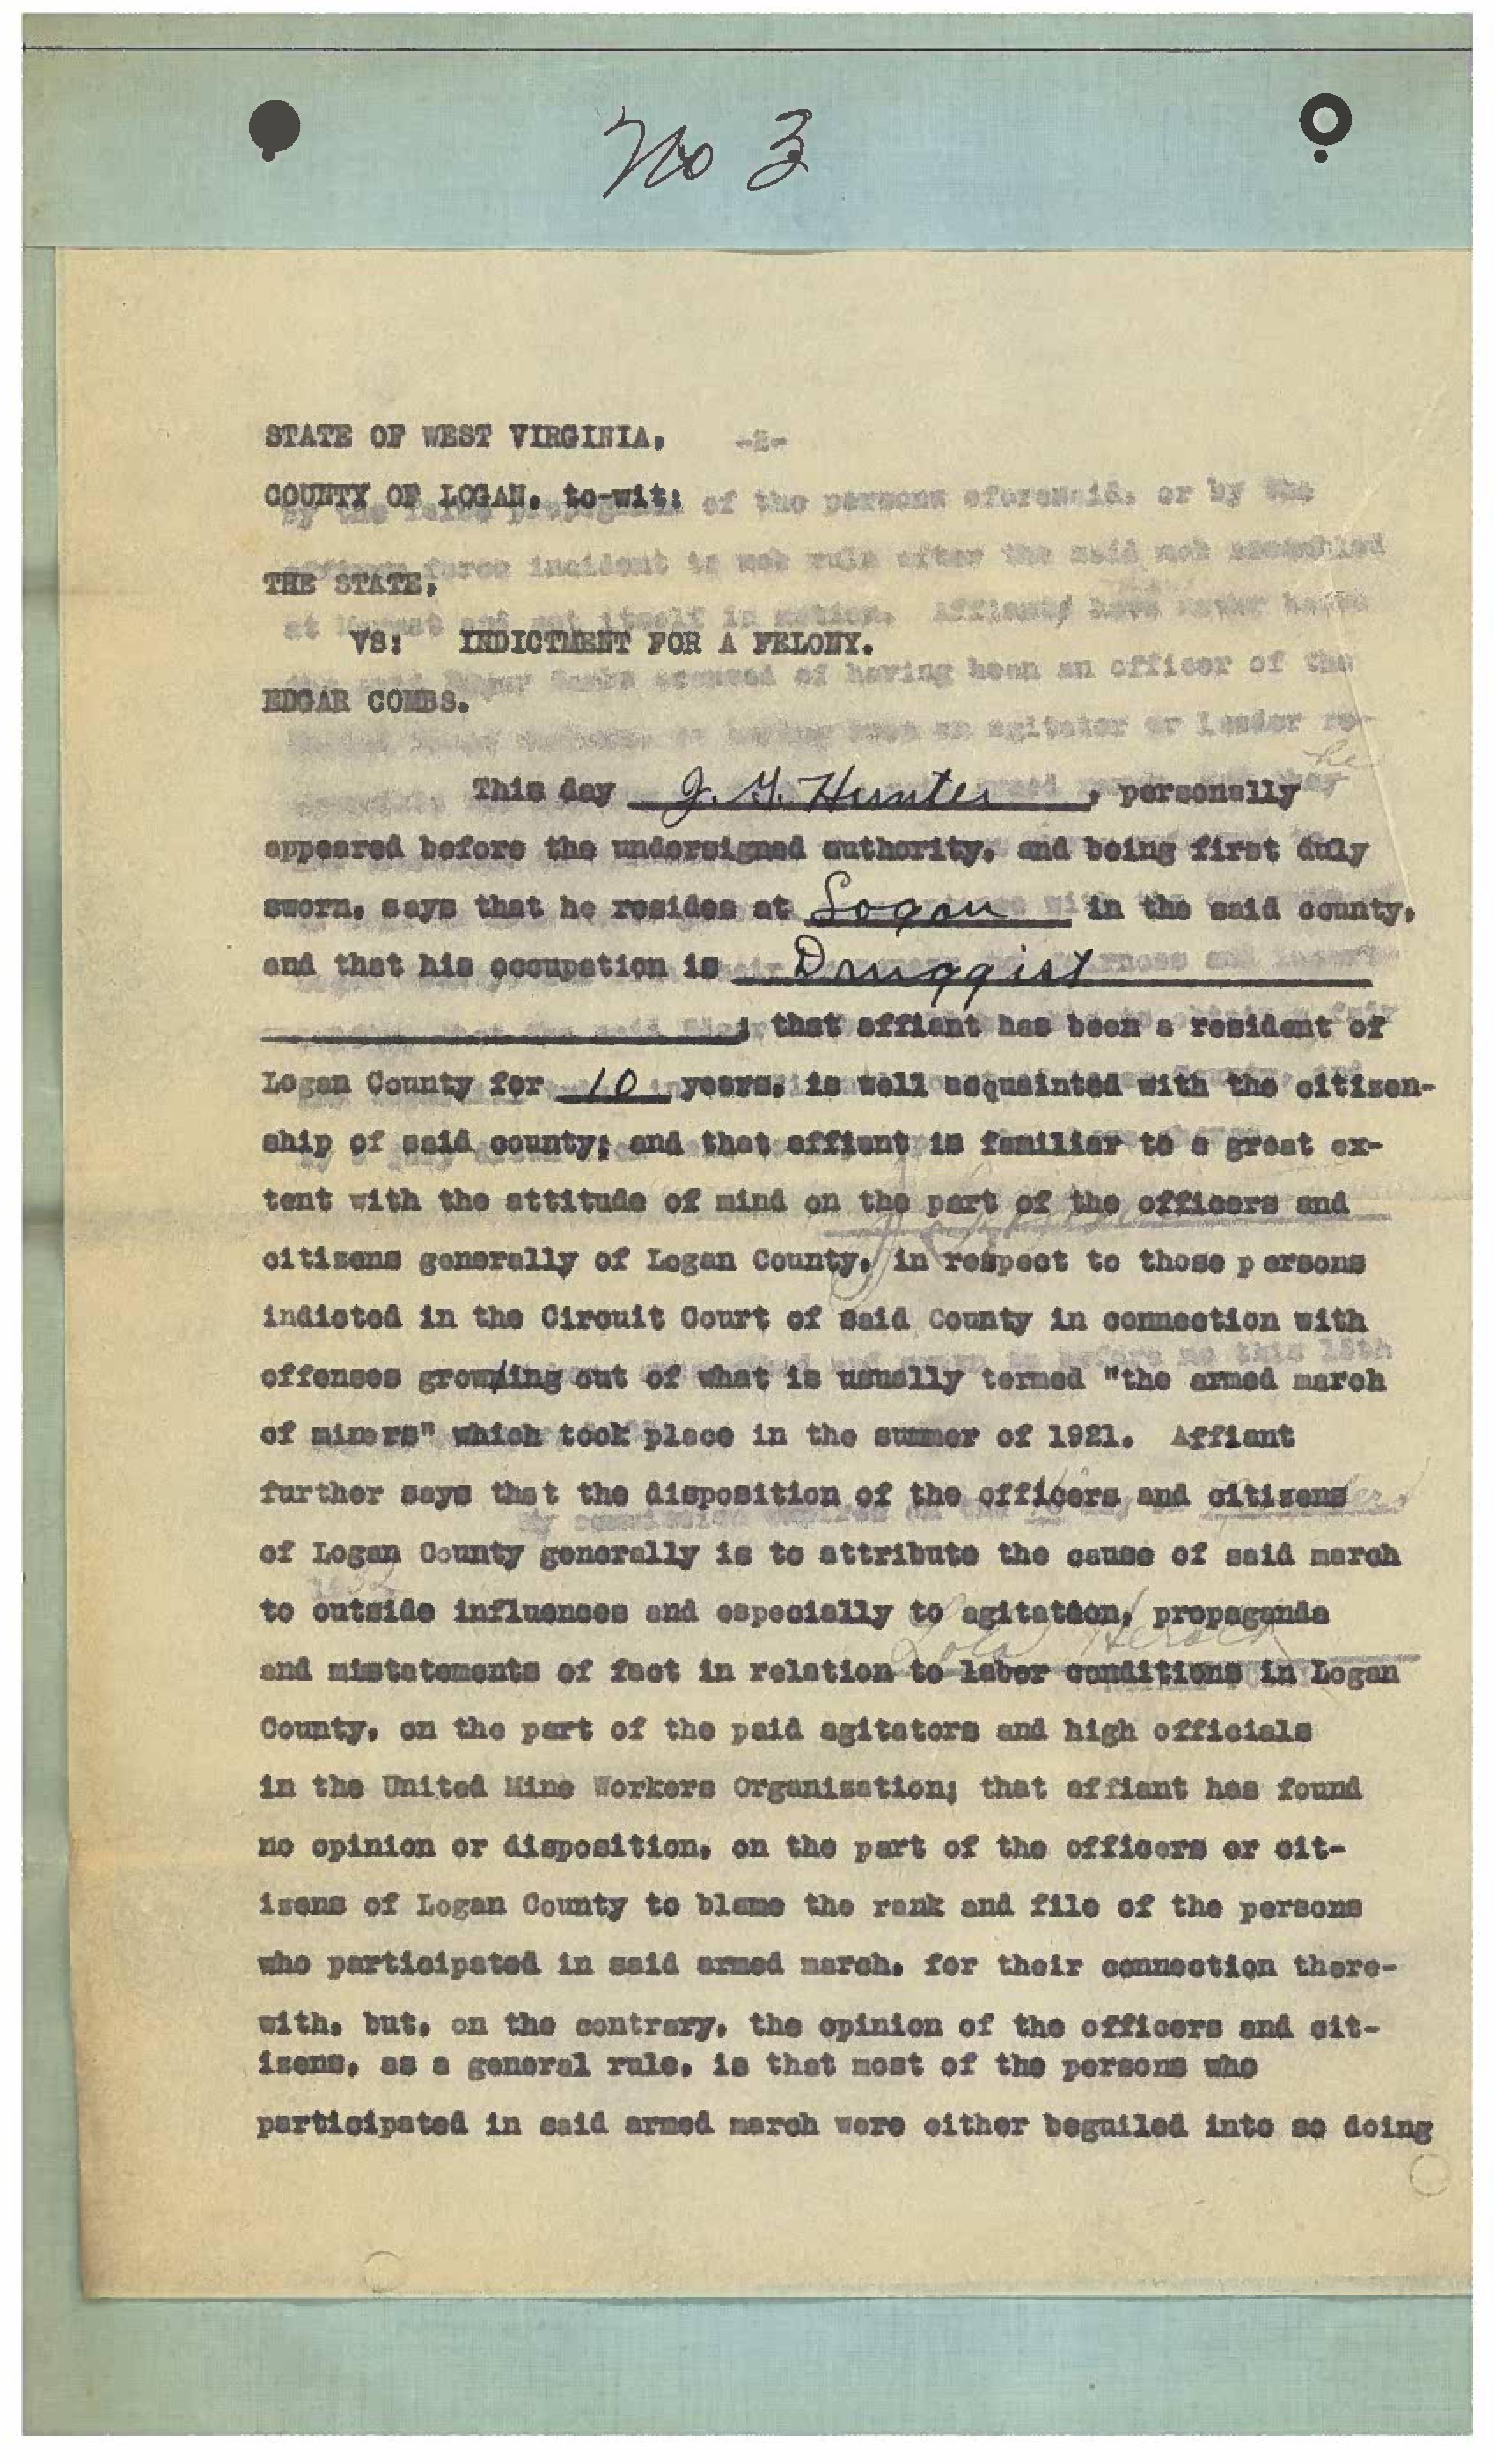 Document 3-1